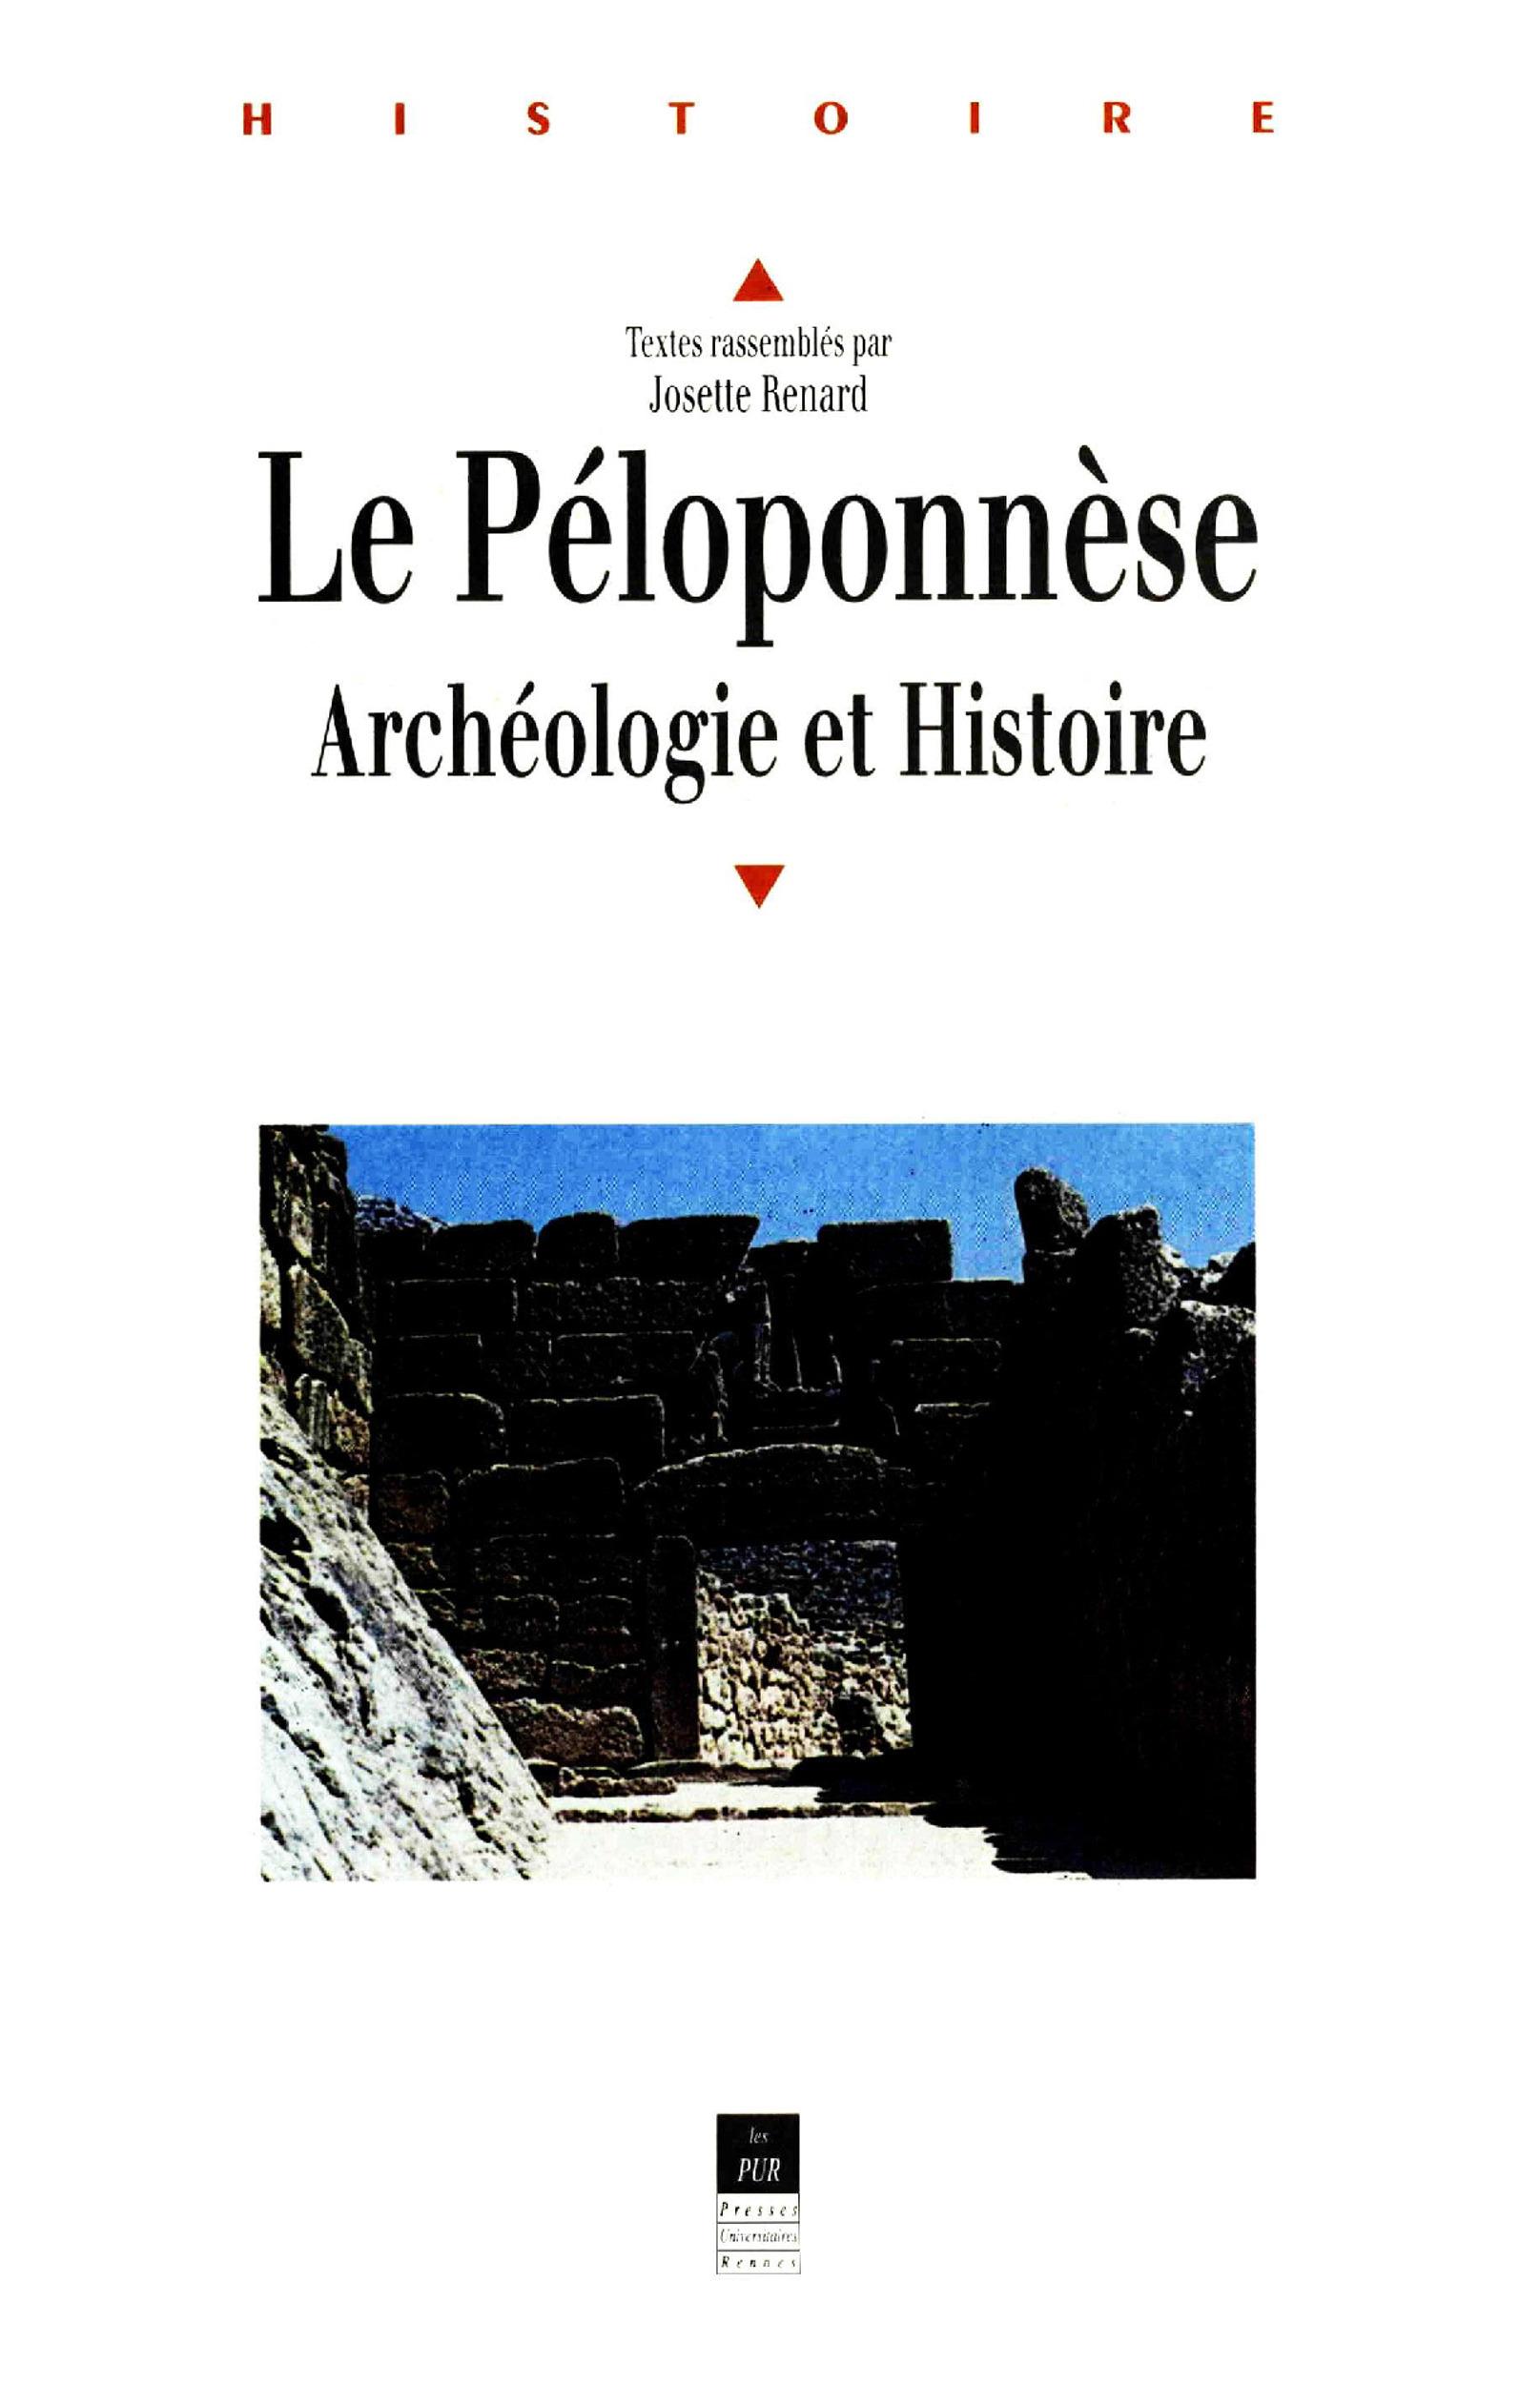 Peloponnese archeologie et histoire